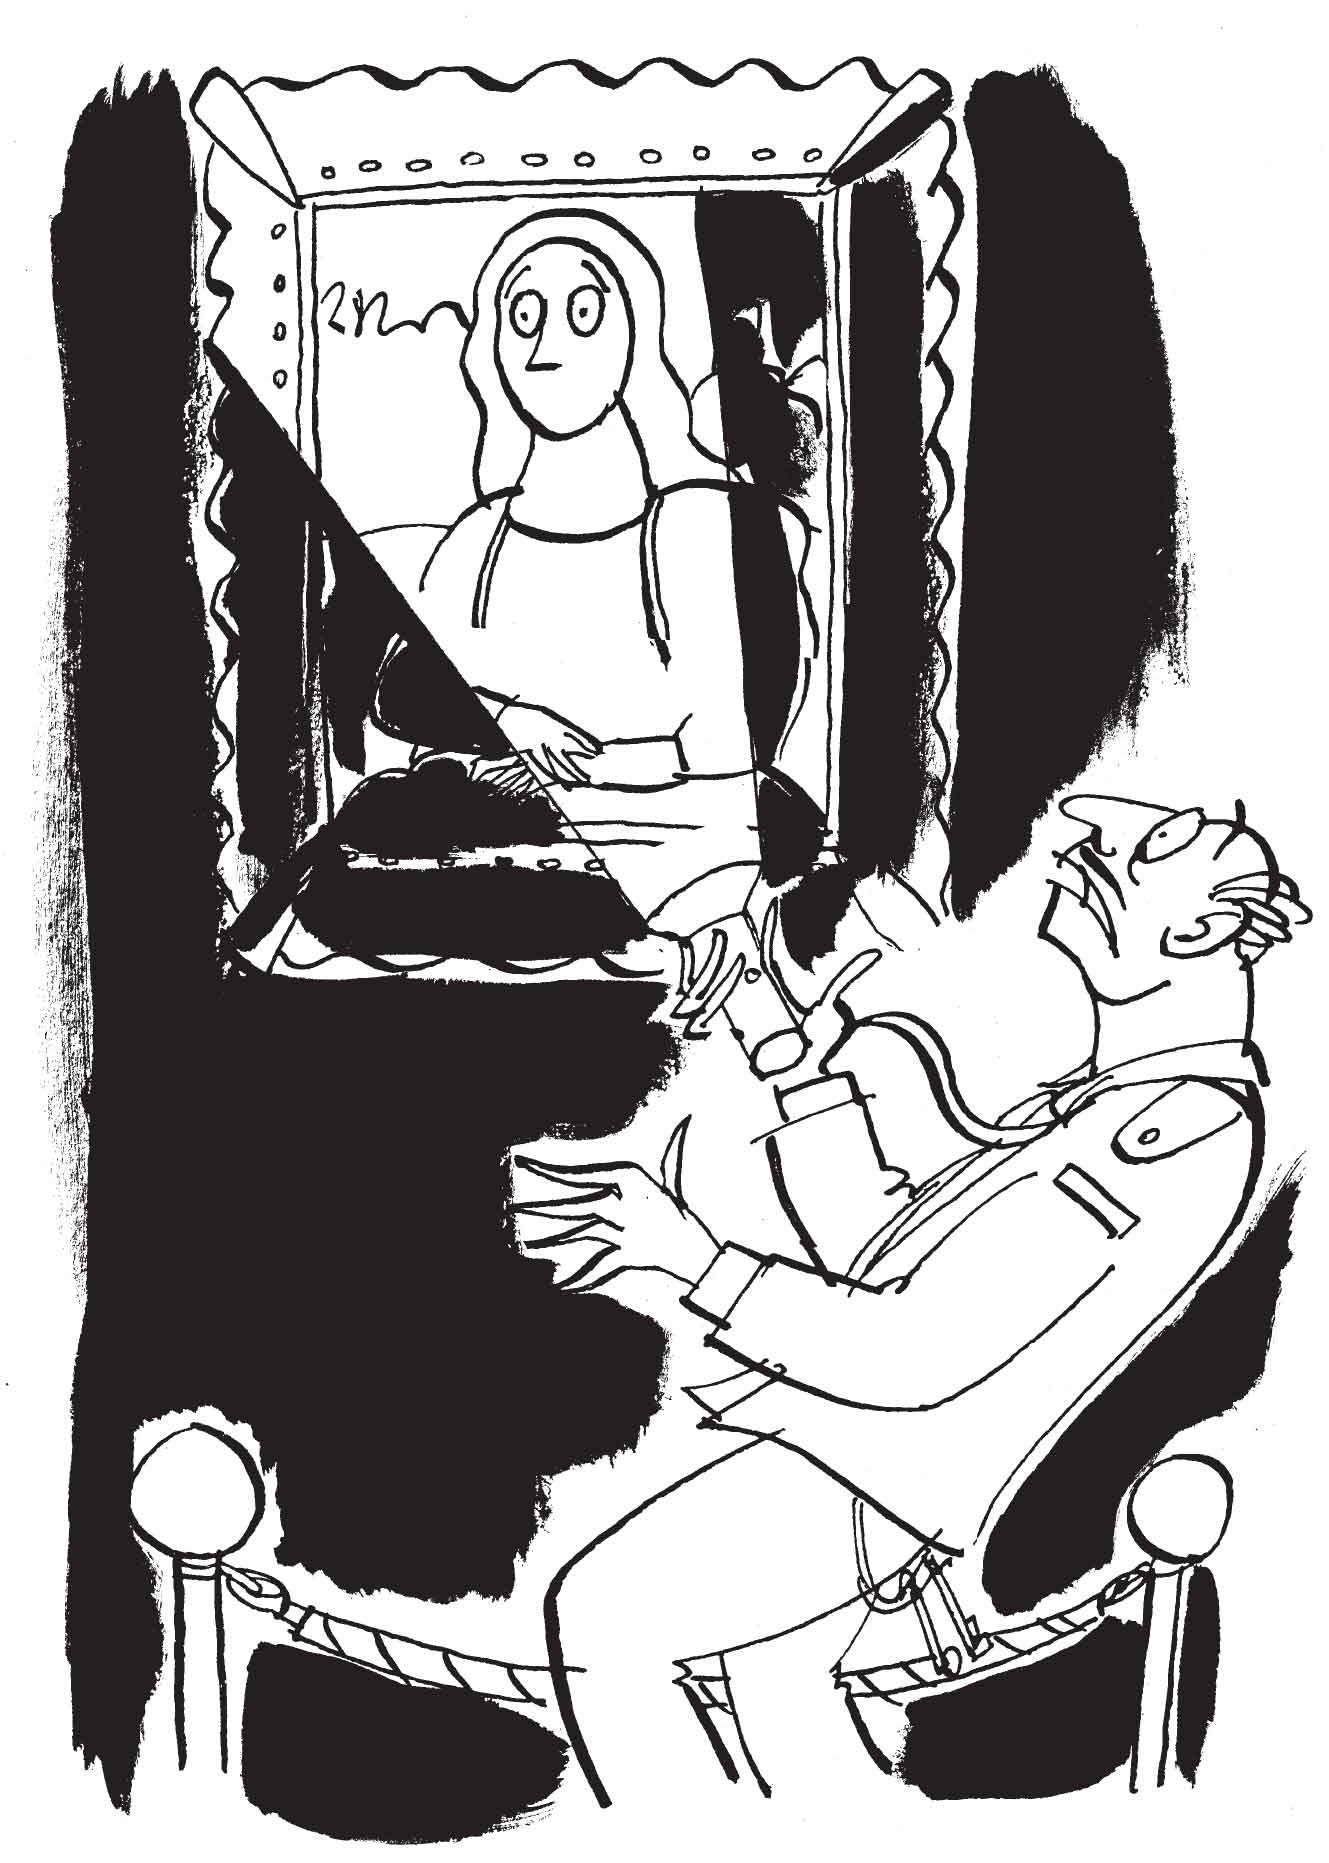 Anna Lavatelli, Il giallo del sorriso scomparso, libro illustrato per ragazzi, Interlinea edizioni